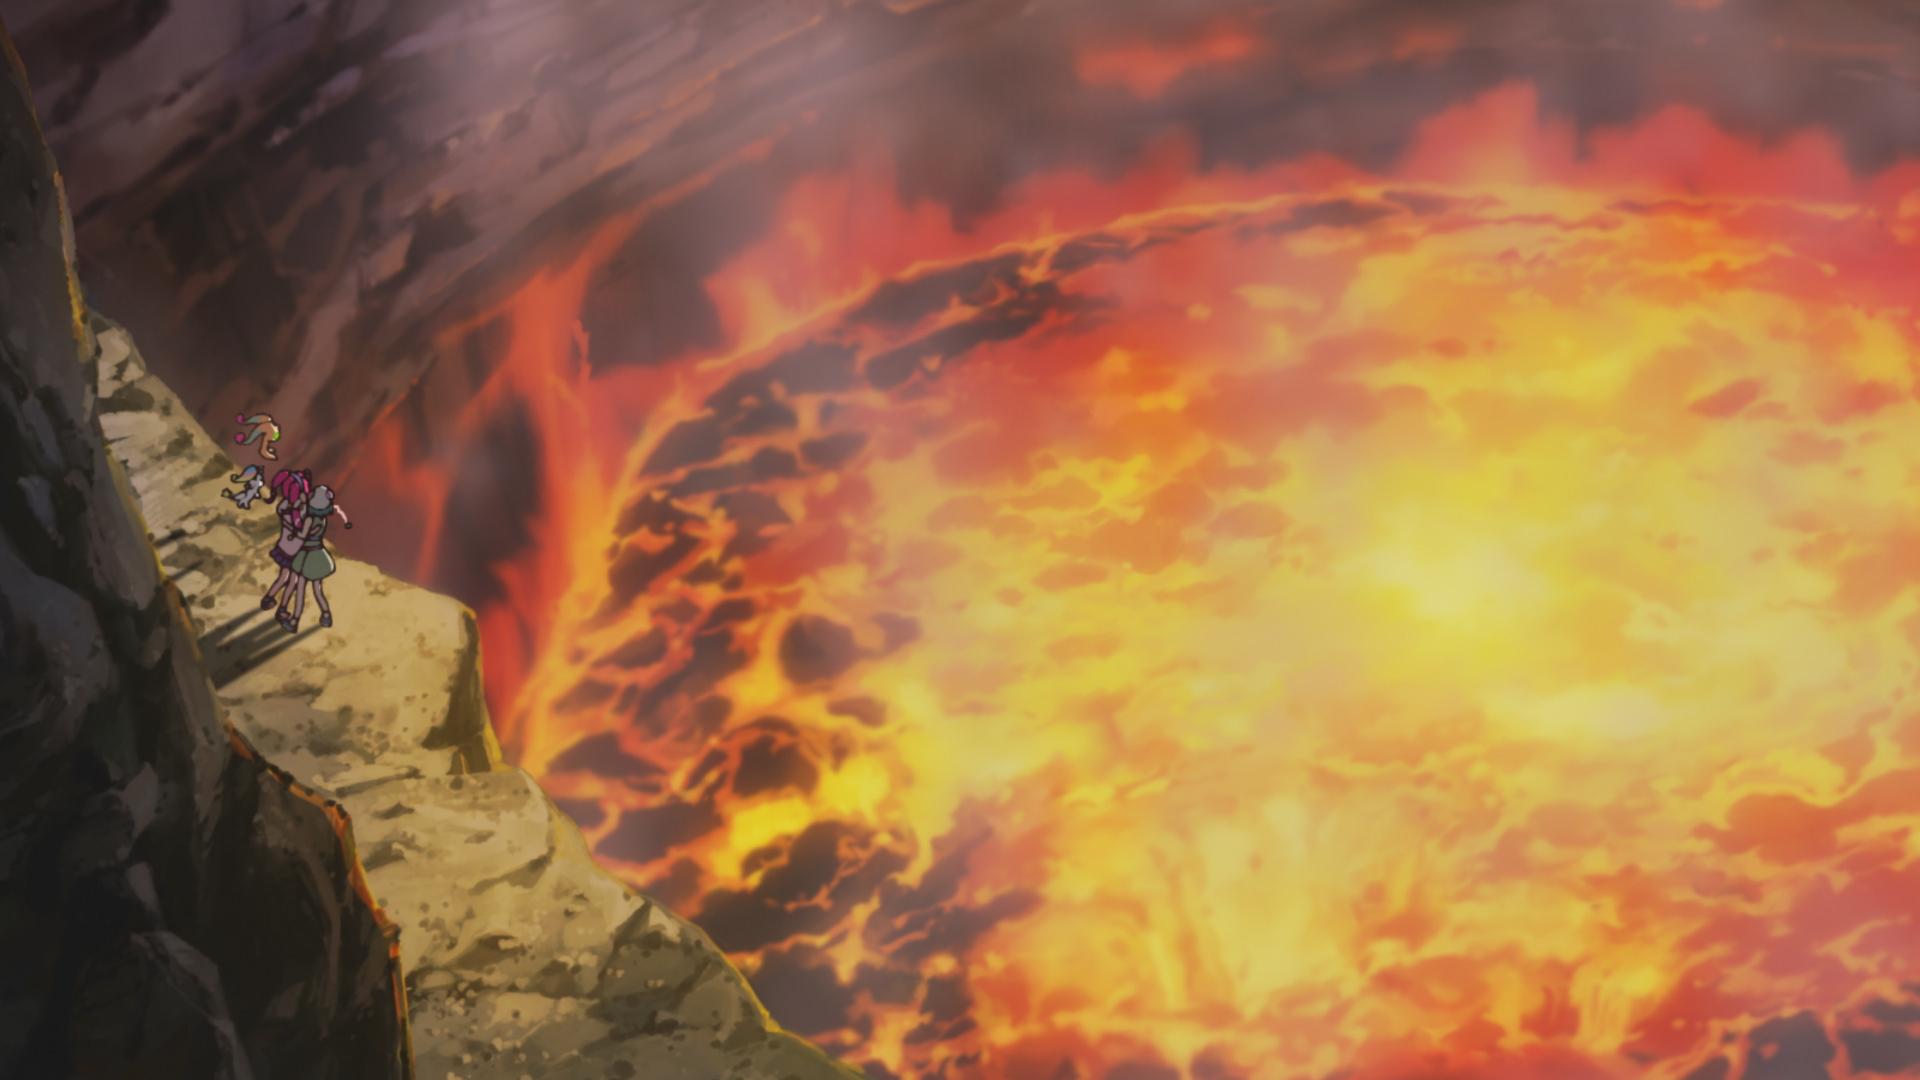 バヌアツ・ヤスール火山 (C)2019 映画スター☆トゥインクルプリキュア製作委員会